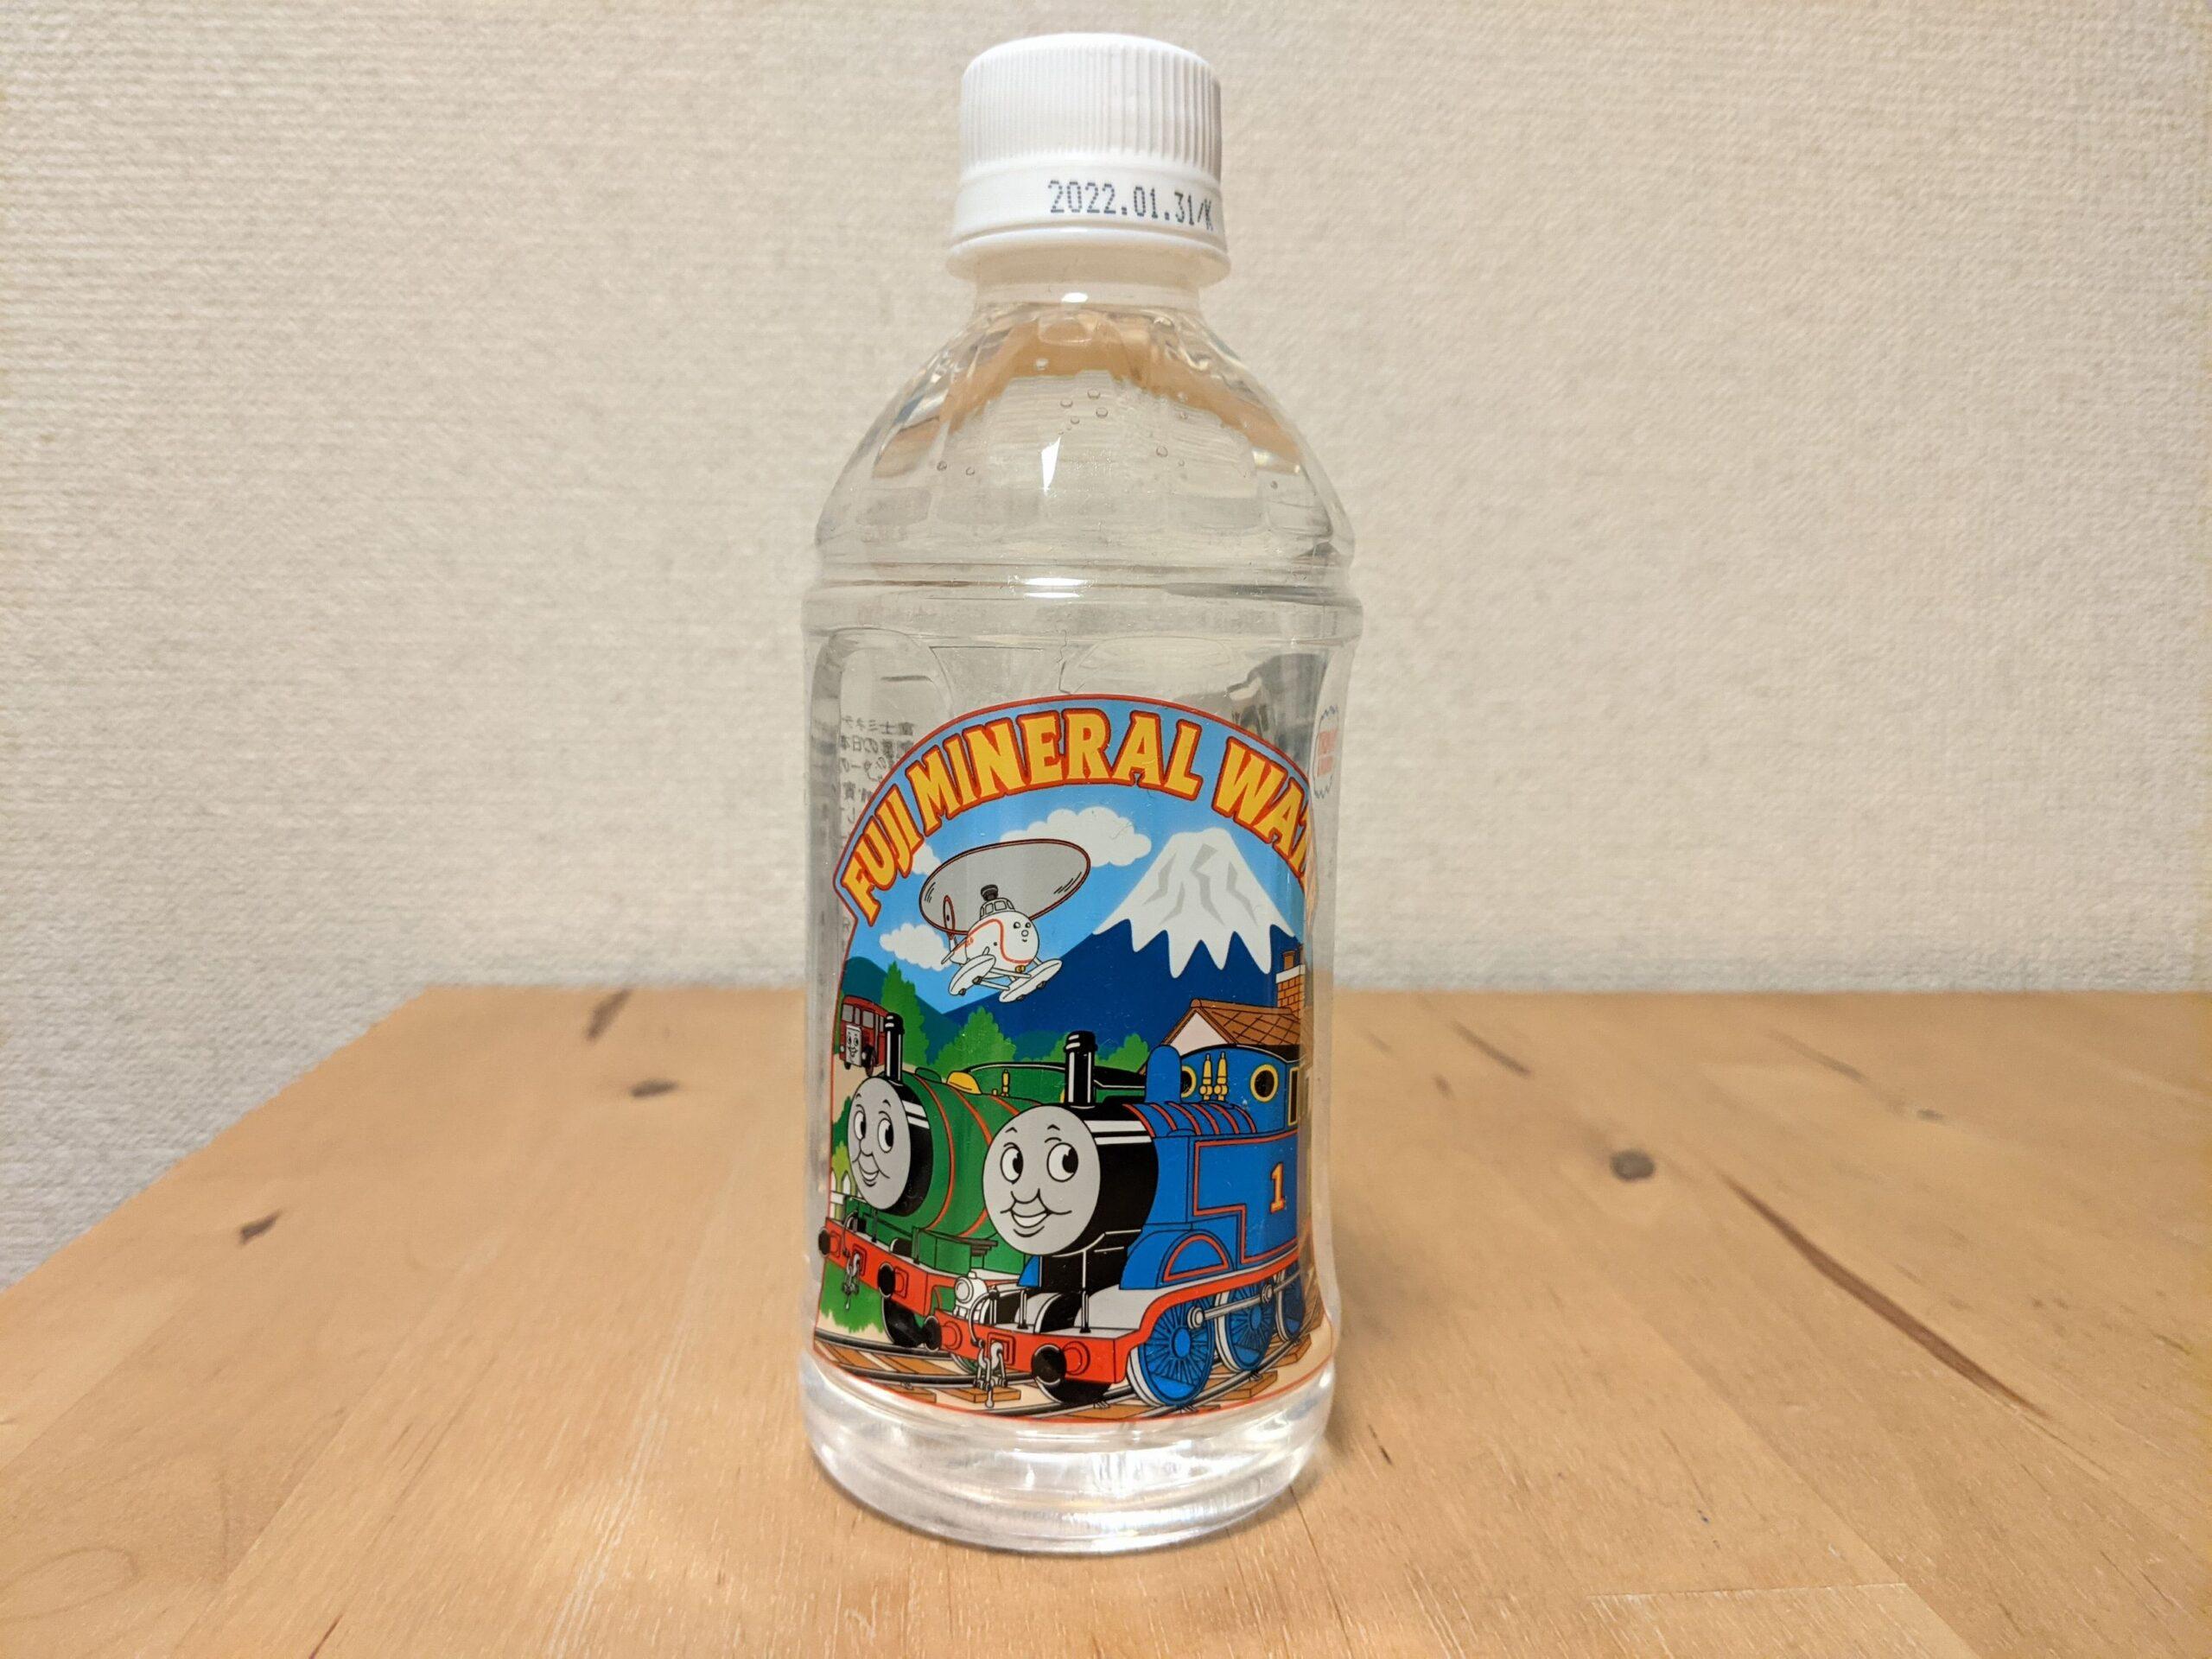 機関車トーマス 富士ミネラルウォーター 富士吉田市 mineralwater